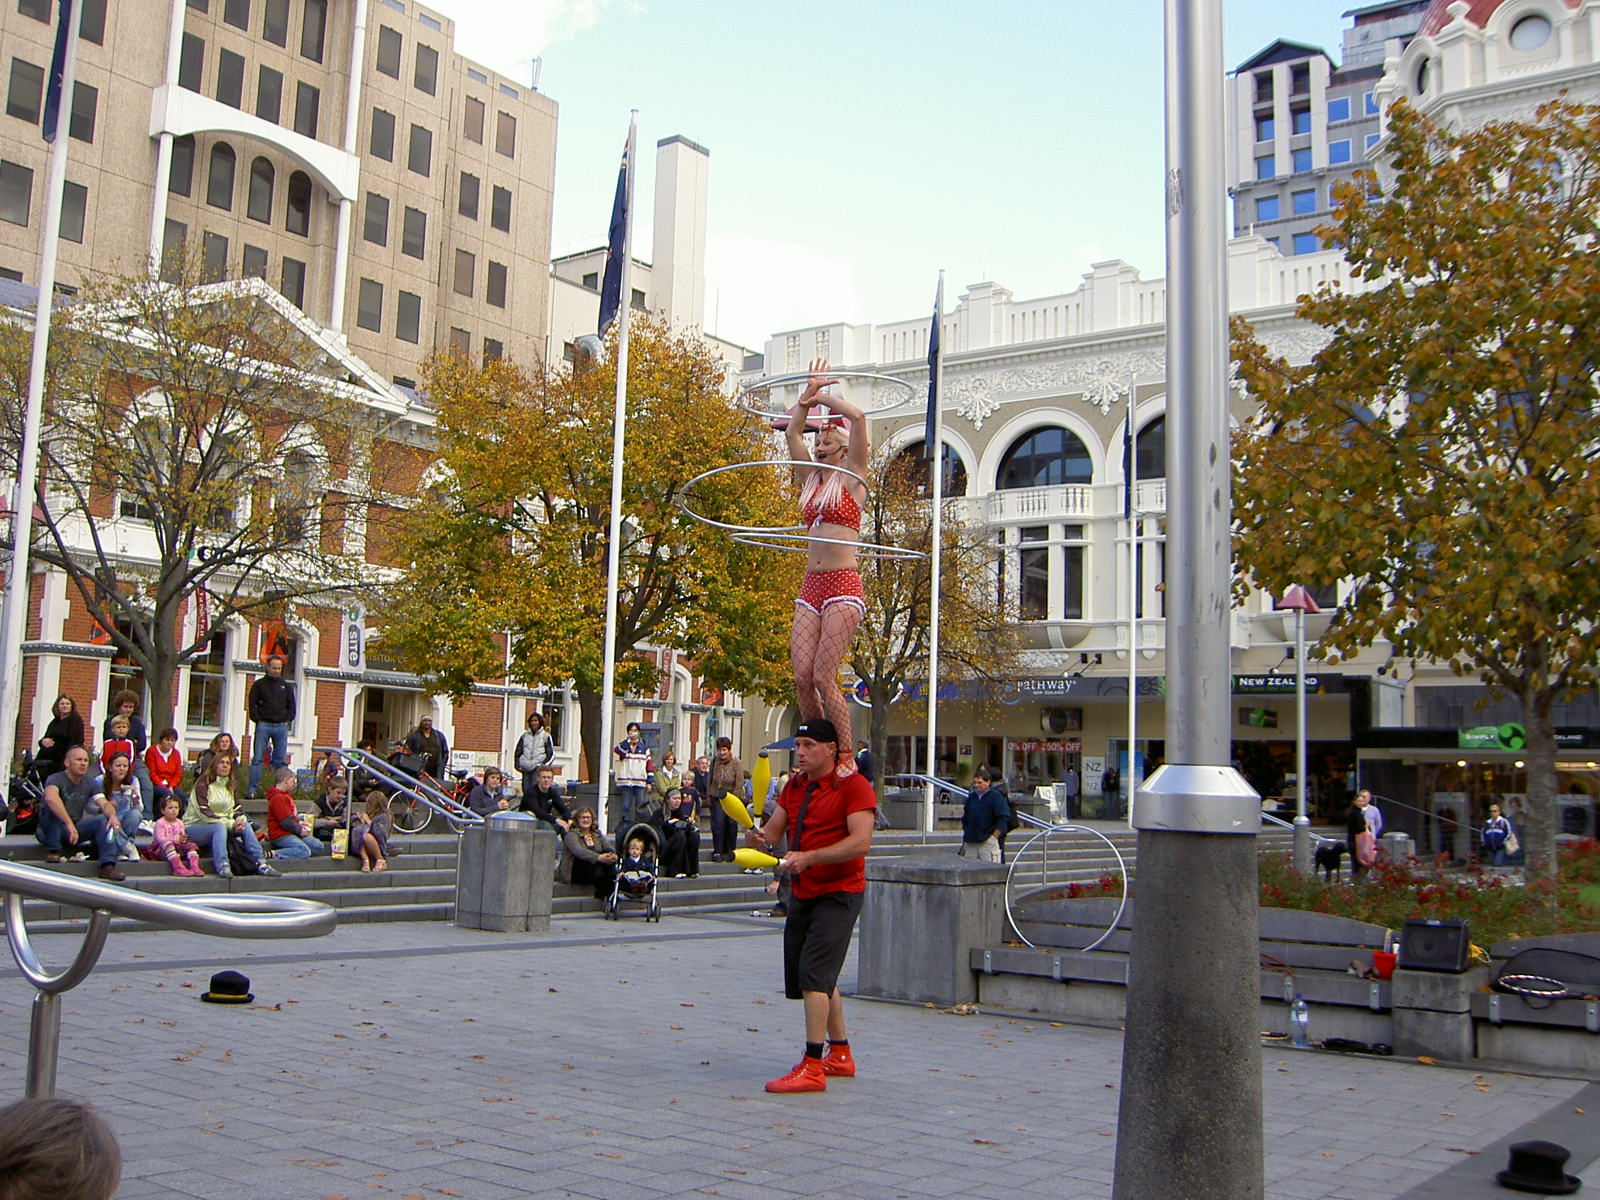 紐西蘭基督城 Facebook: Lion生活與旅遊: 紐西蘭南島基督城